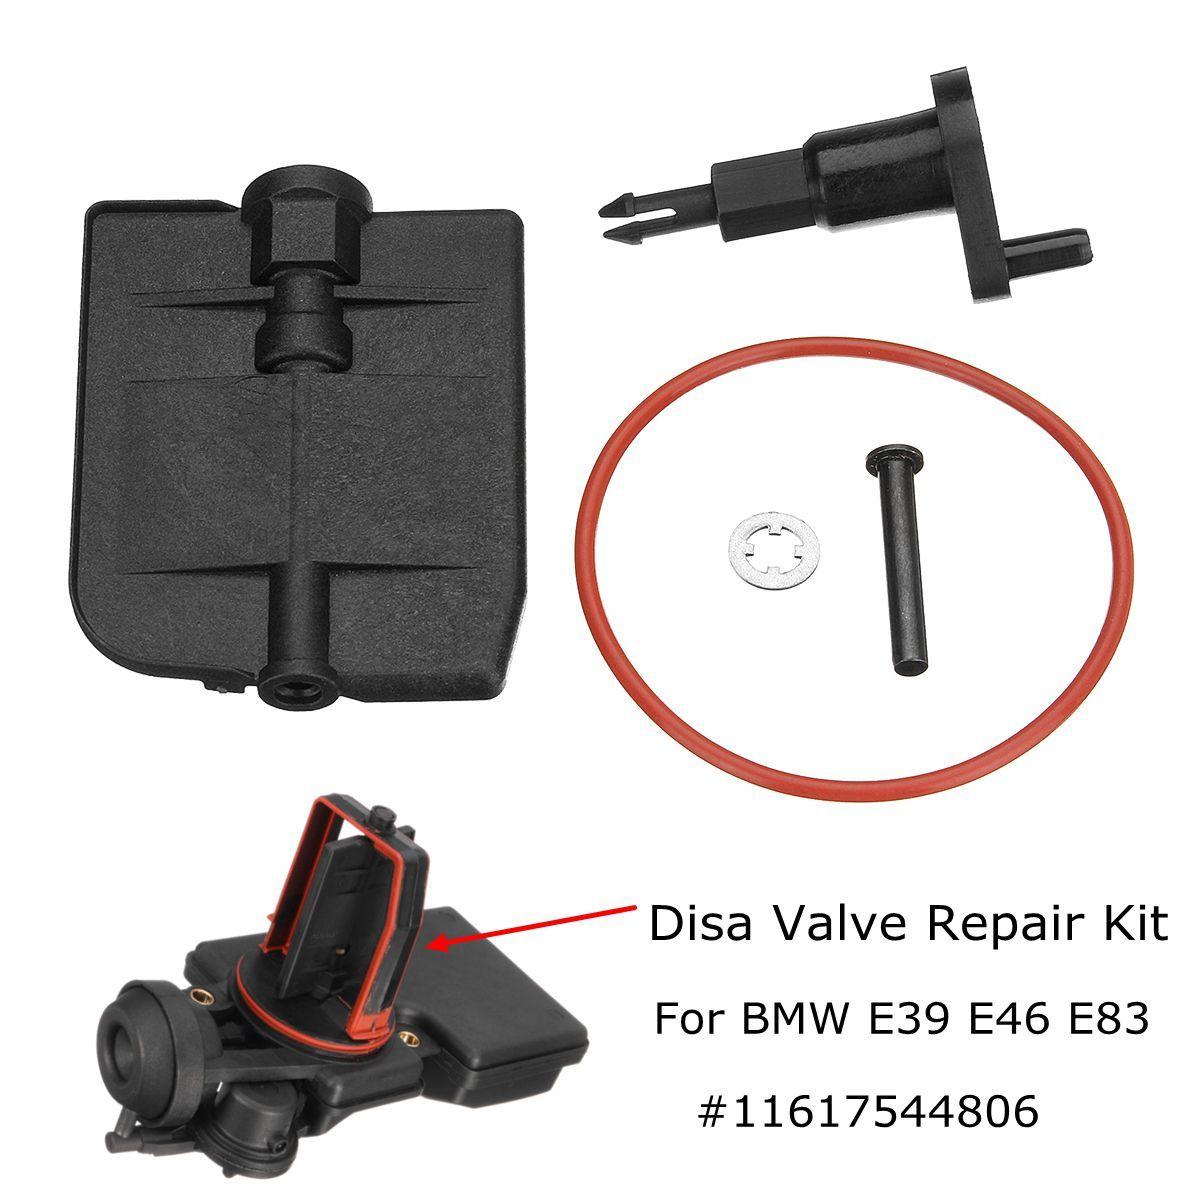 11617544806 Intake Manifold DISA Valve Repair Kit for BMW E39 E46 E83 325i 525i M54 2.5 2001-2006